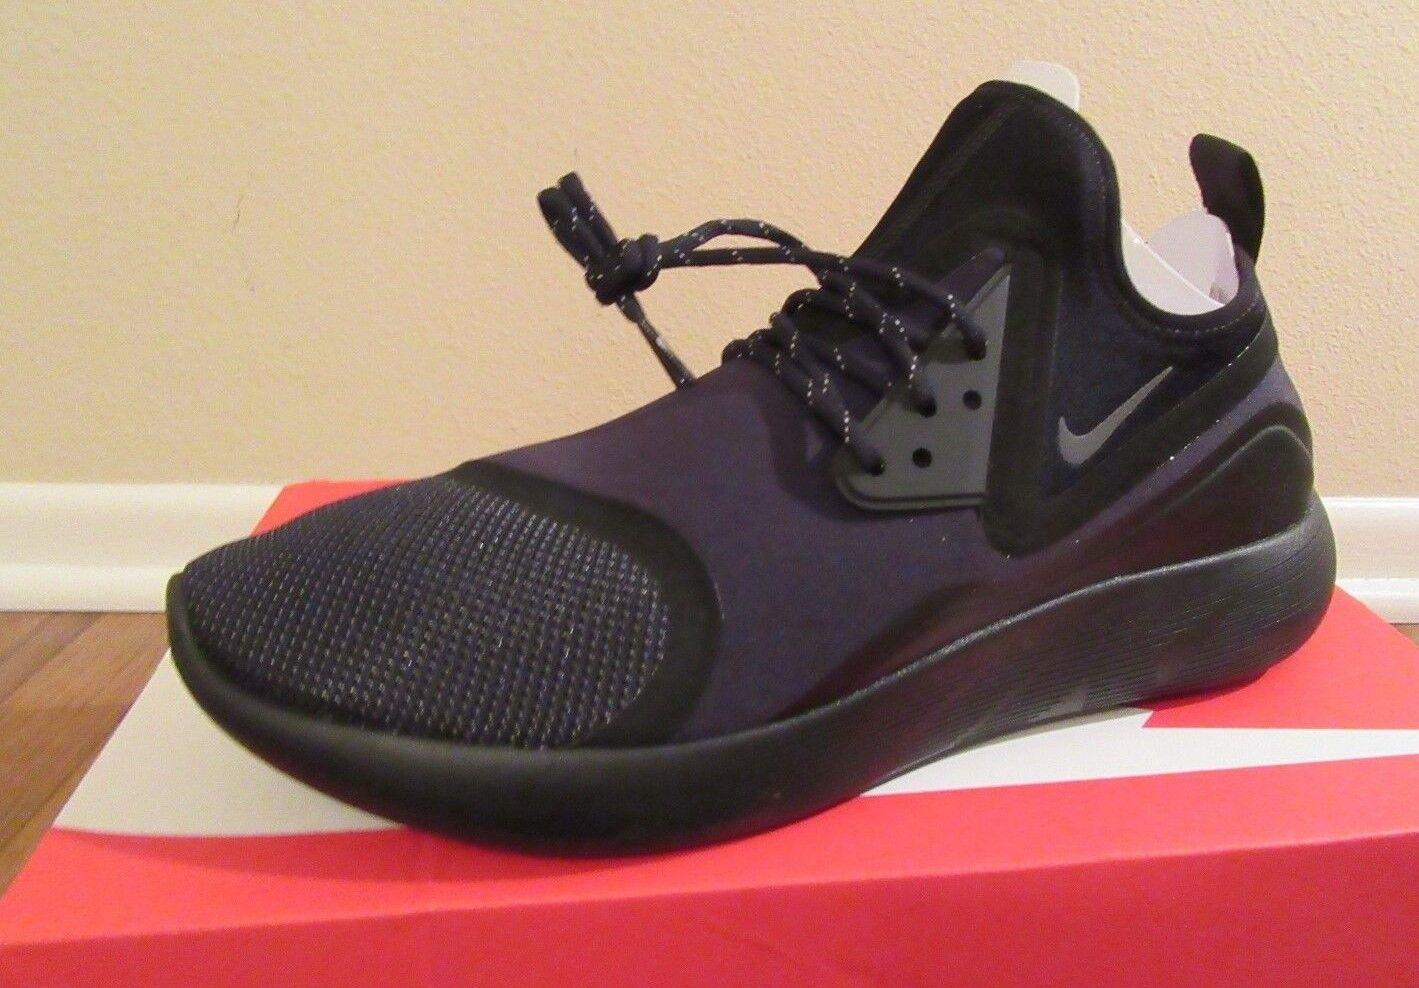 Nike Lunarcharge Essential Size 11.5 Black Dark Grey Volt 923619 001 New DS NIB